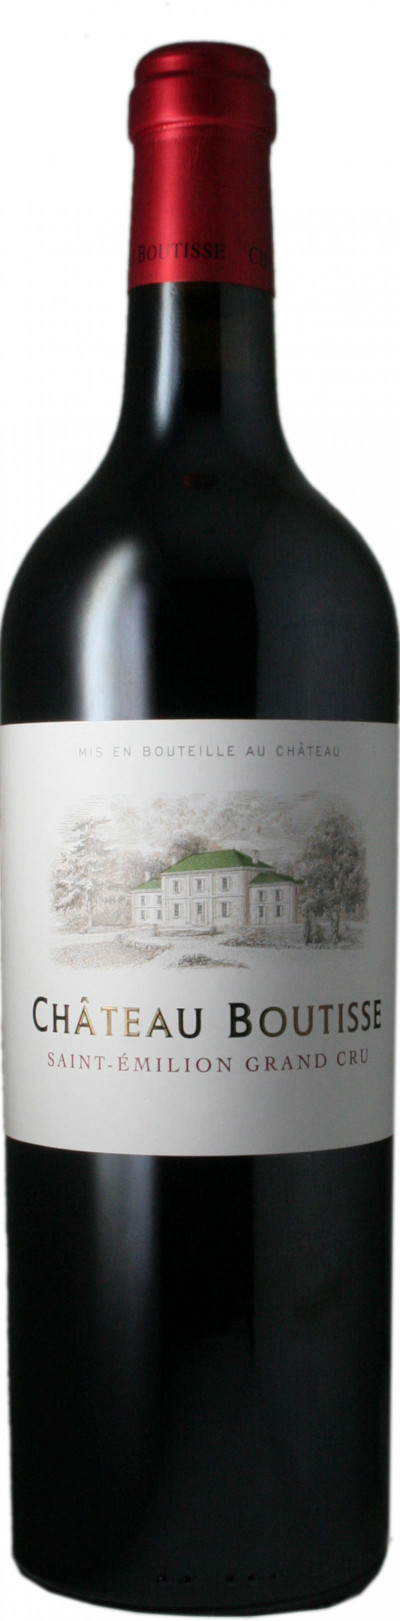 Château Boutisse - Saint Emilion Grand Cru